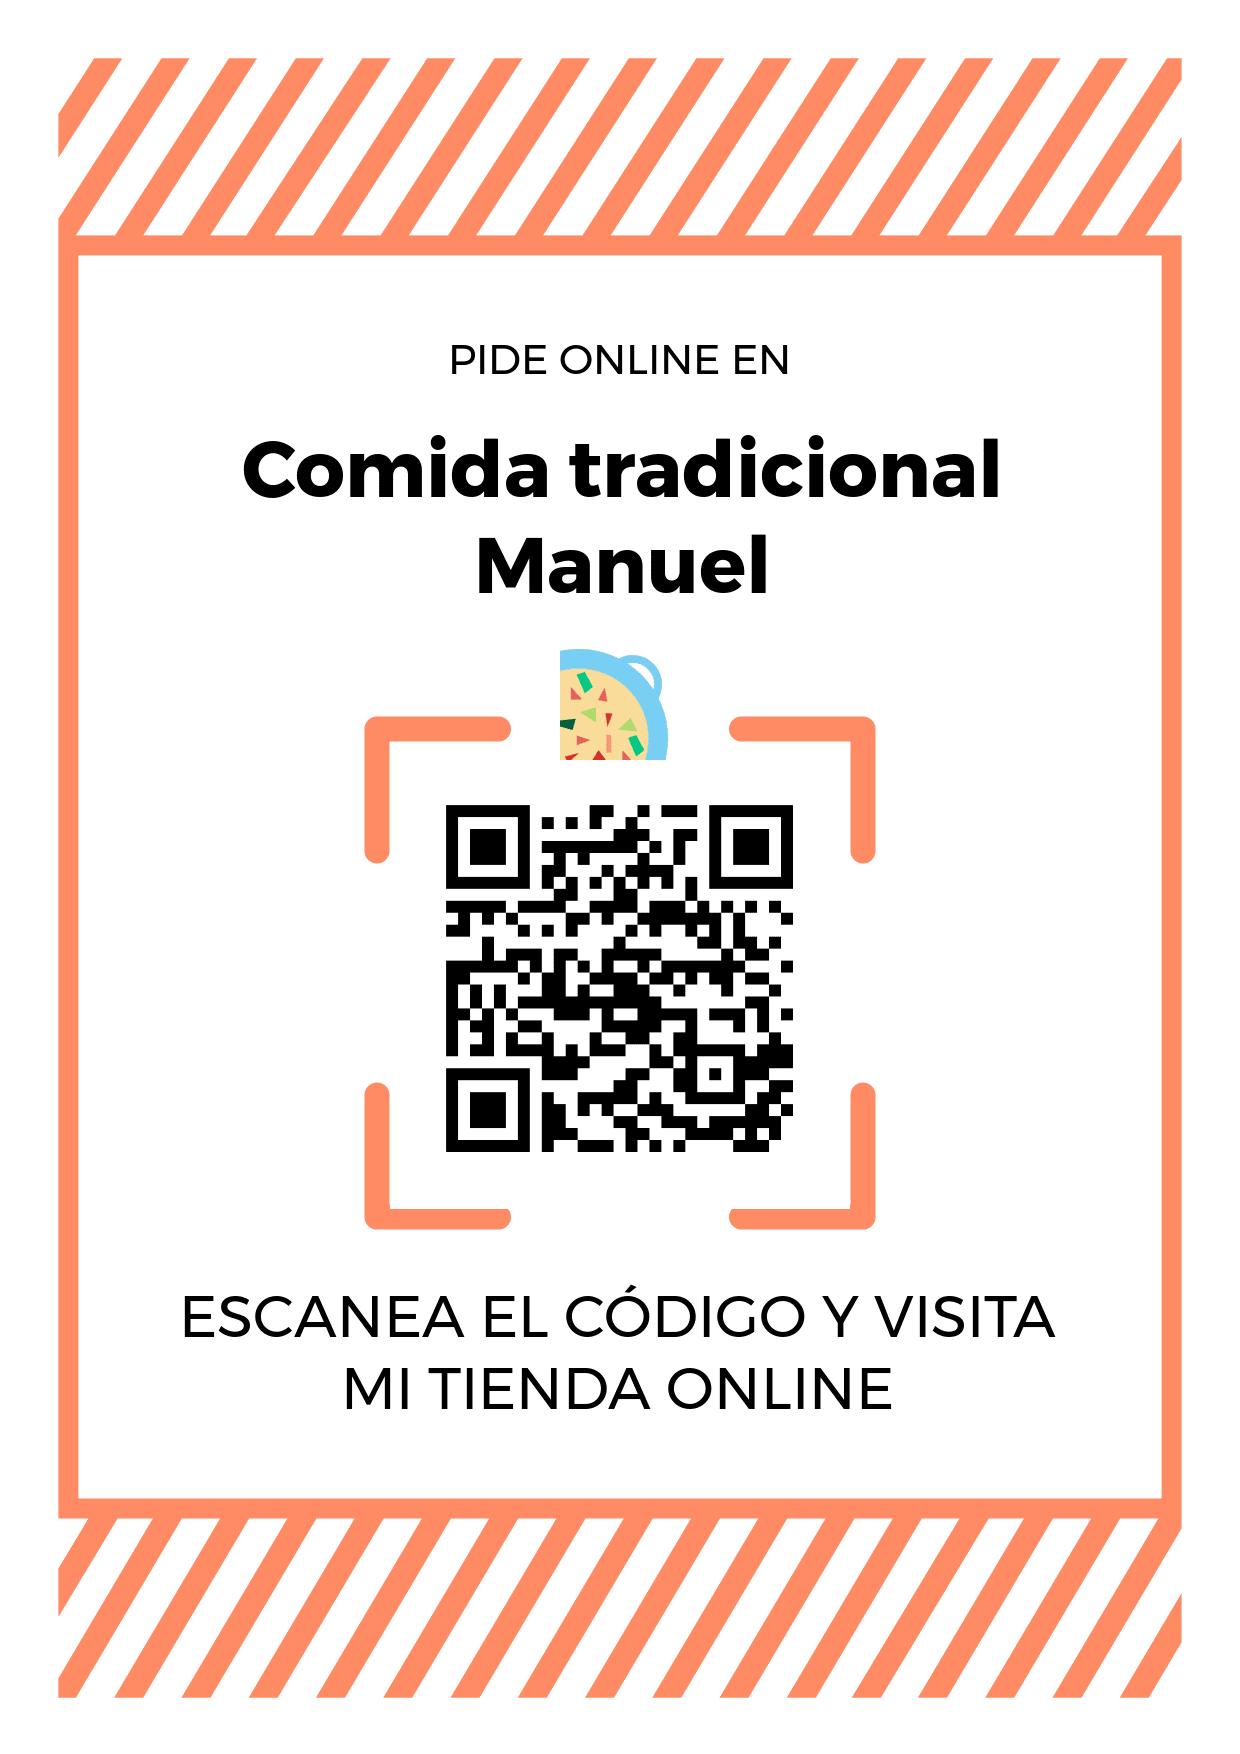 Cartel Póster de Código QR para tienda de Comida tradicional